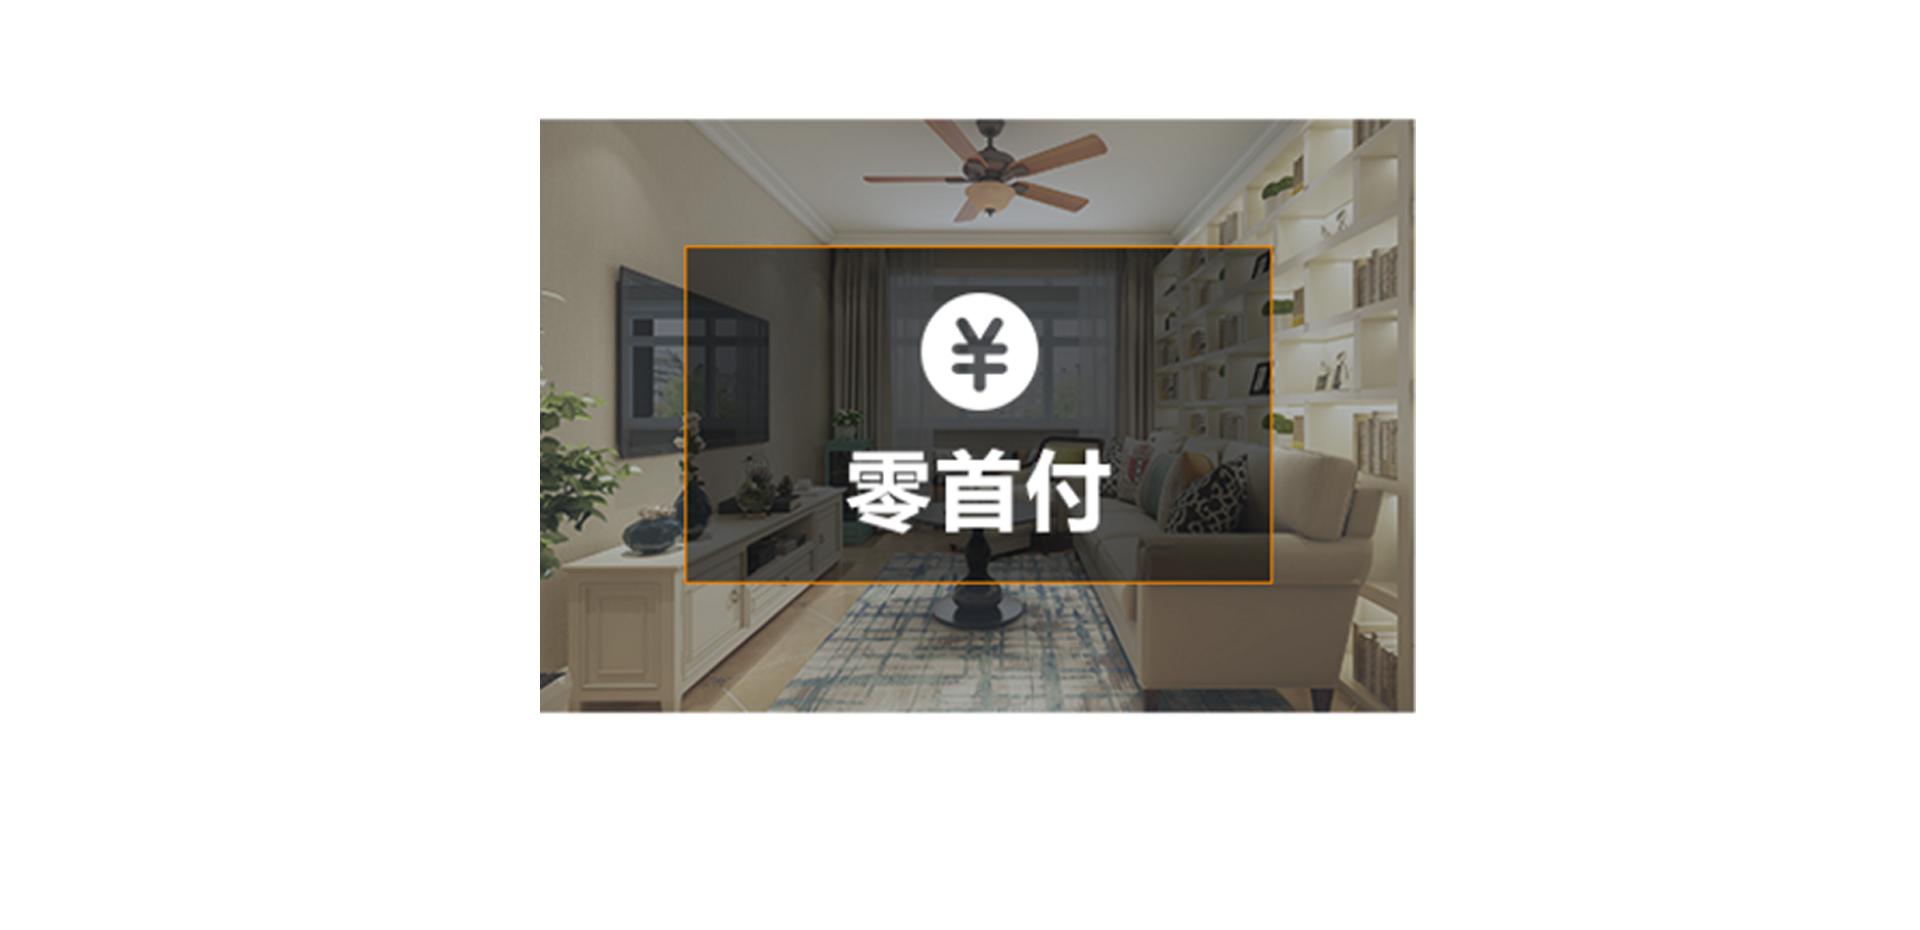 业之峰五零工程_08.jpg